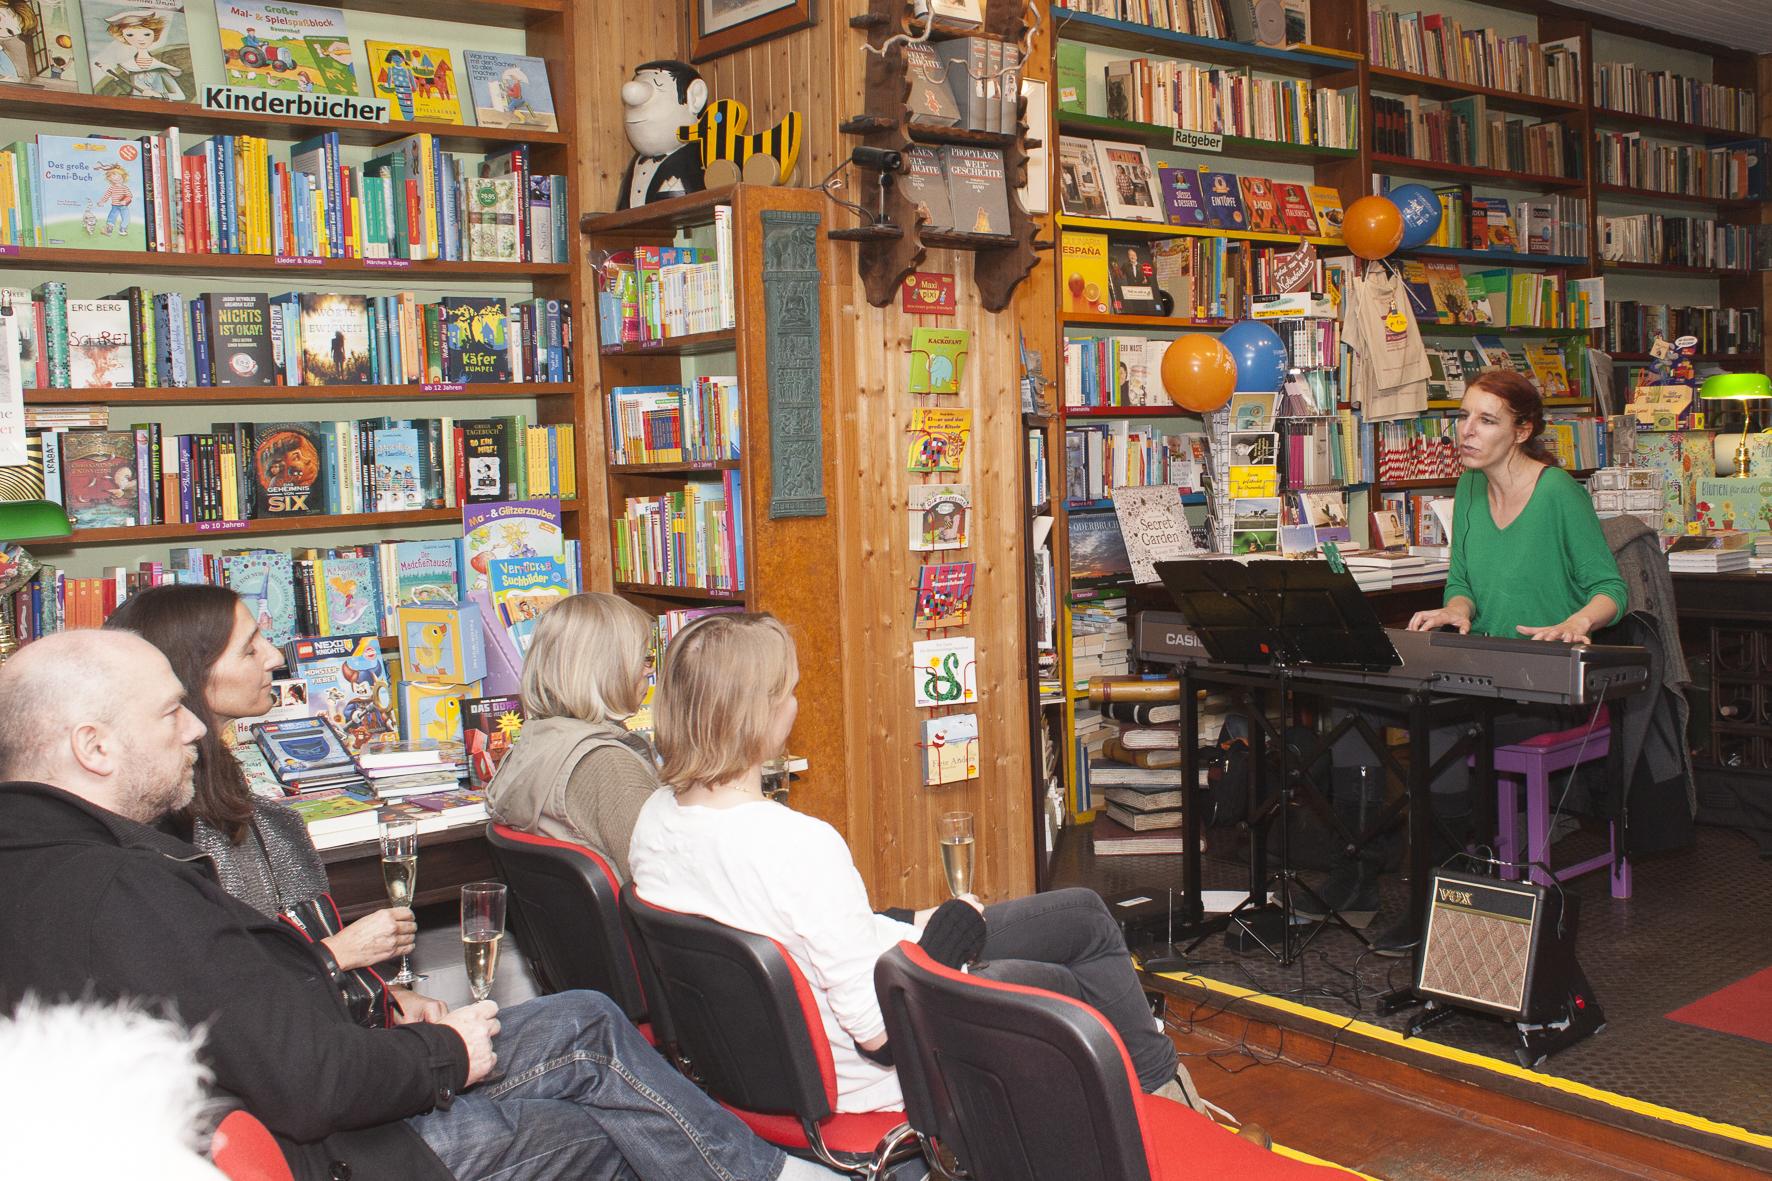 isi in der Buchhandlung am Schäfersee, Foto: Patricia Schichl